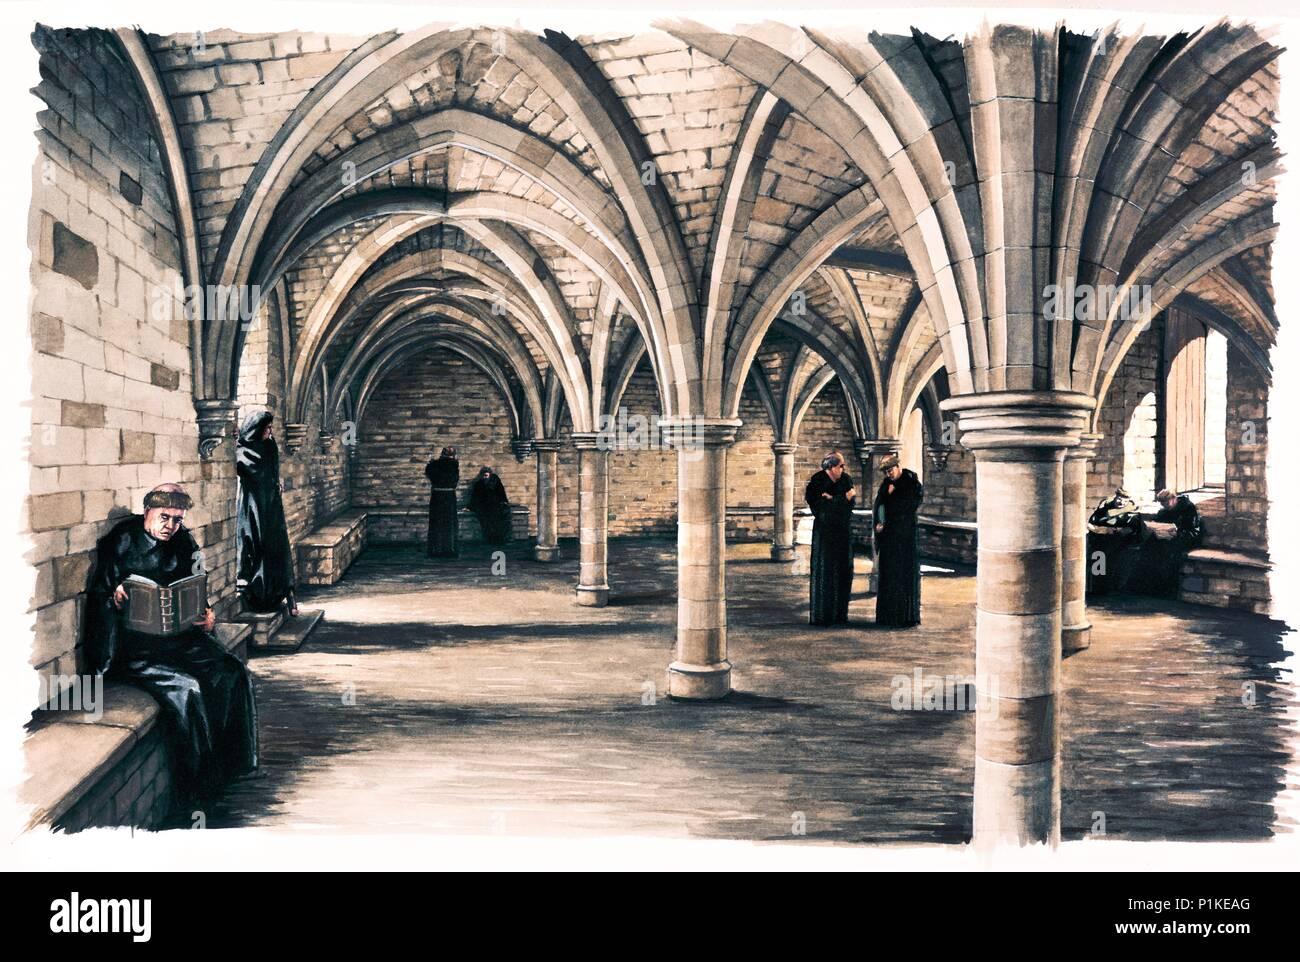 Mönche in den gemeinsamen Raum der Battle Abbey, East Sussex, 12. Jahrhundert (c 1990 - c 2010). Wiederaufbau Zeichnung. Stockbild